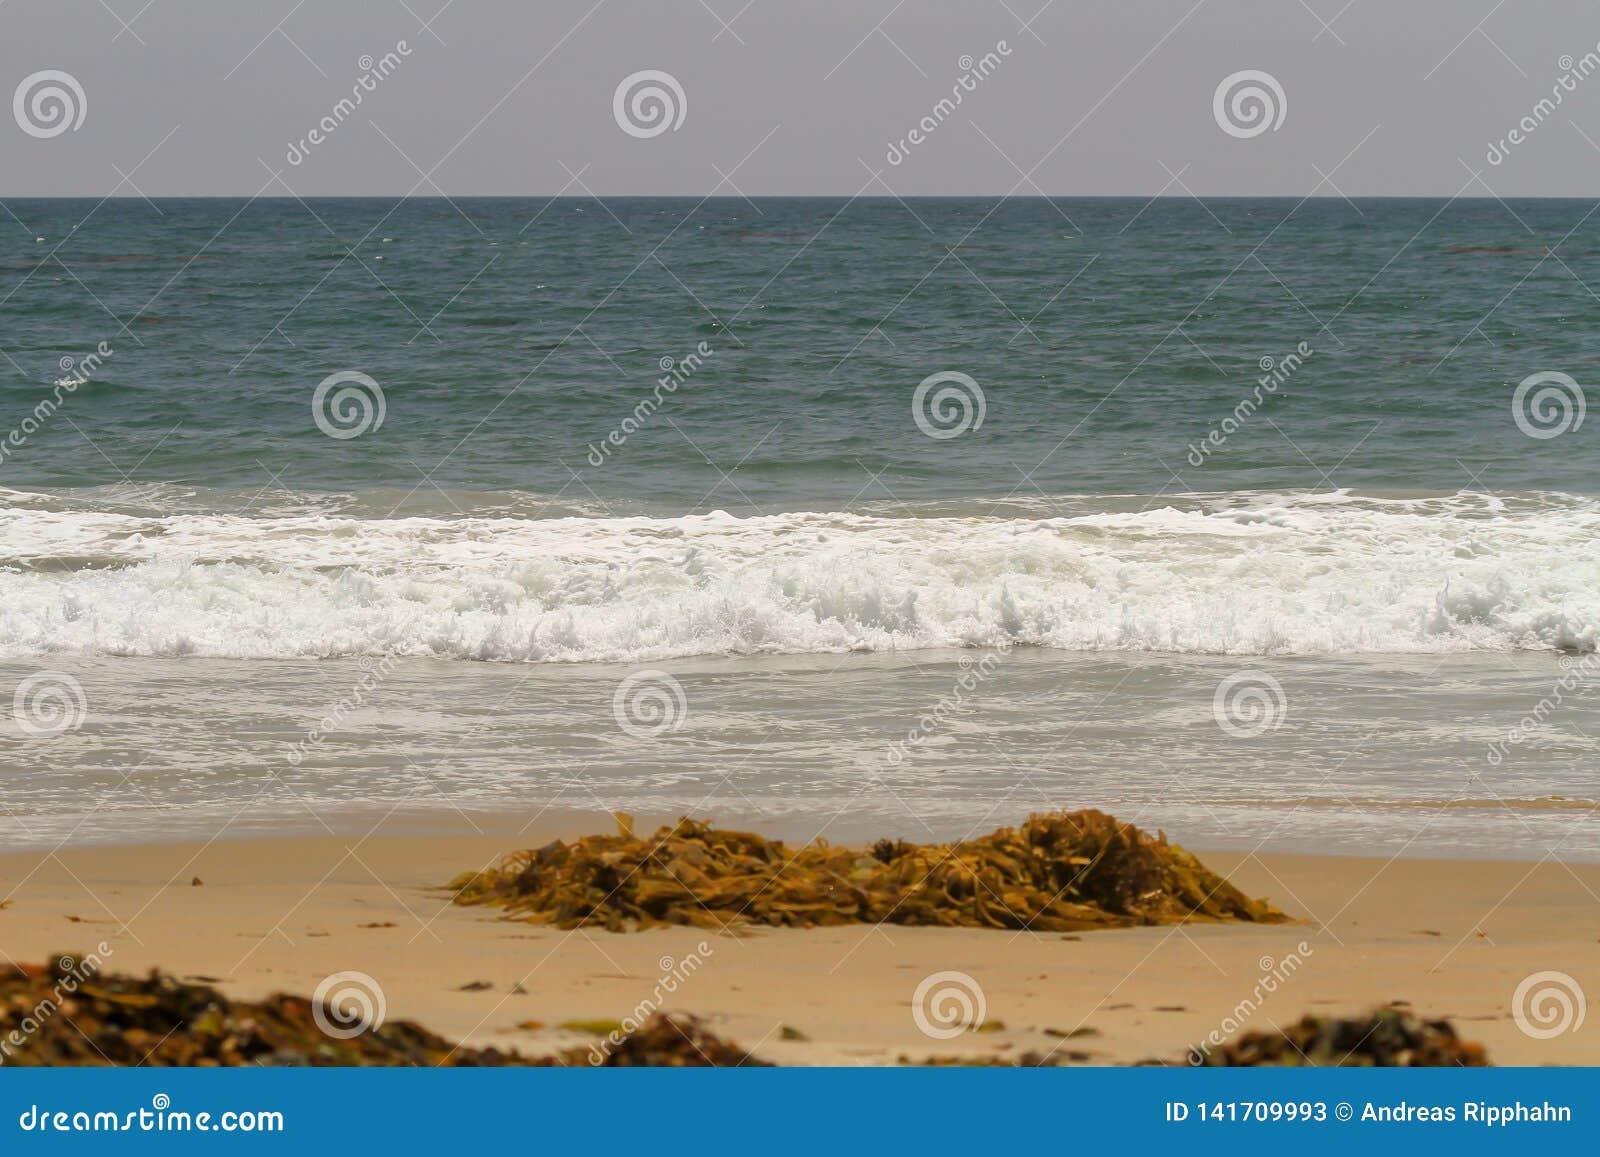 Alga marina y restos flotantes lavados para arriba en una playa arenosa